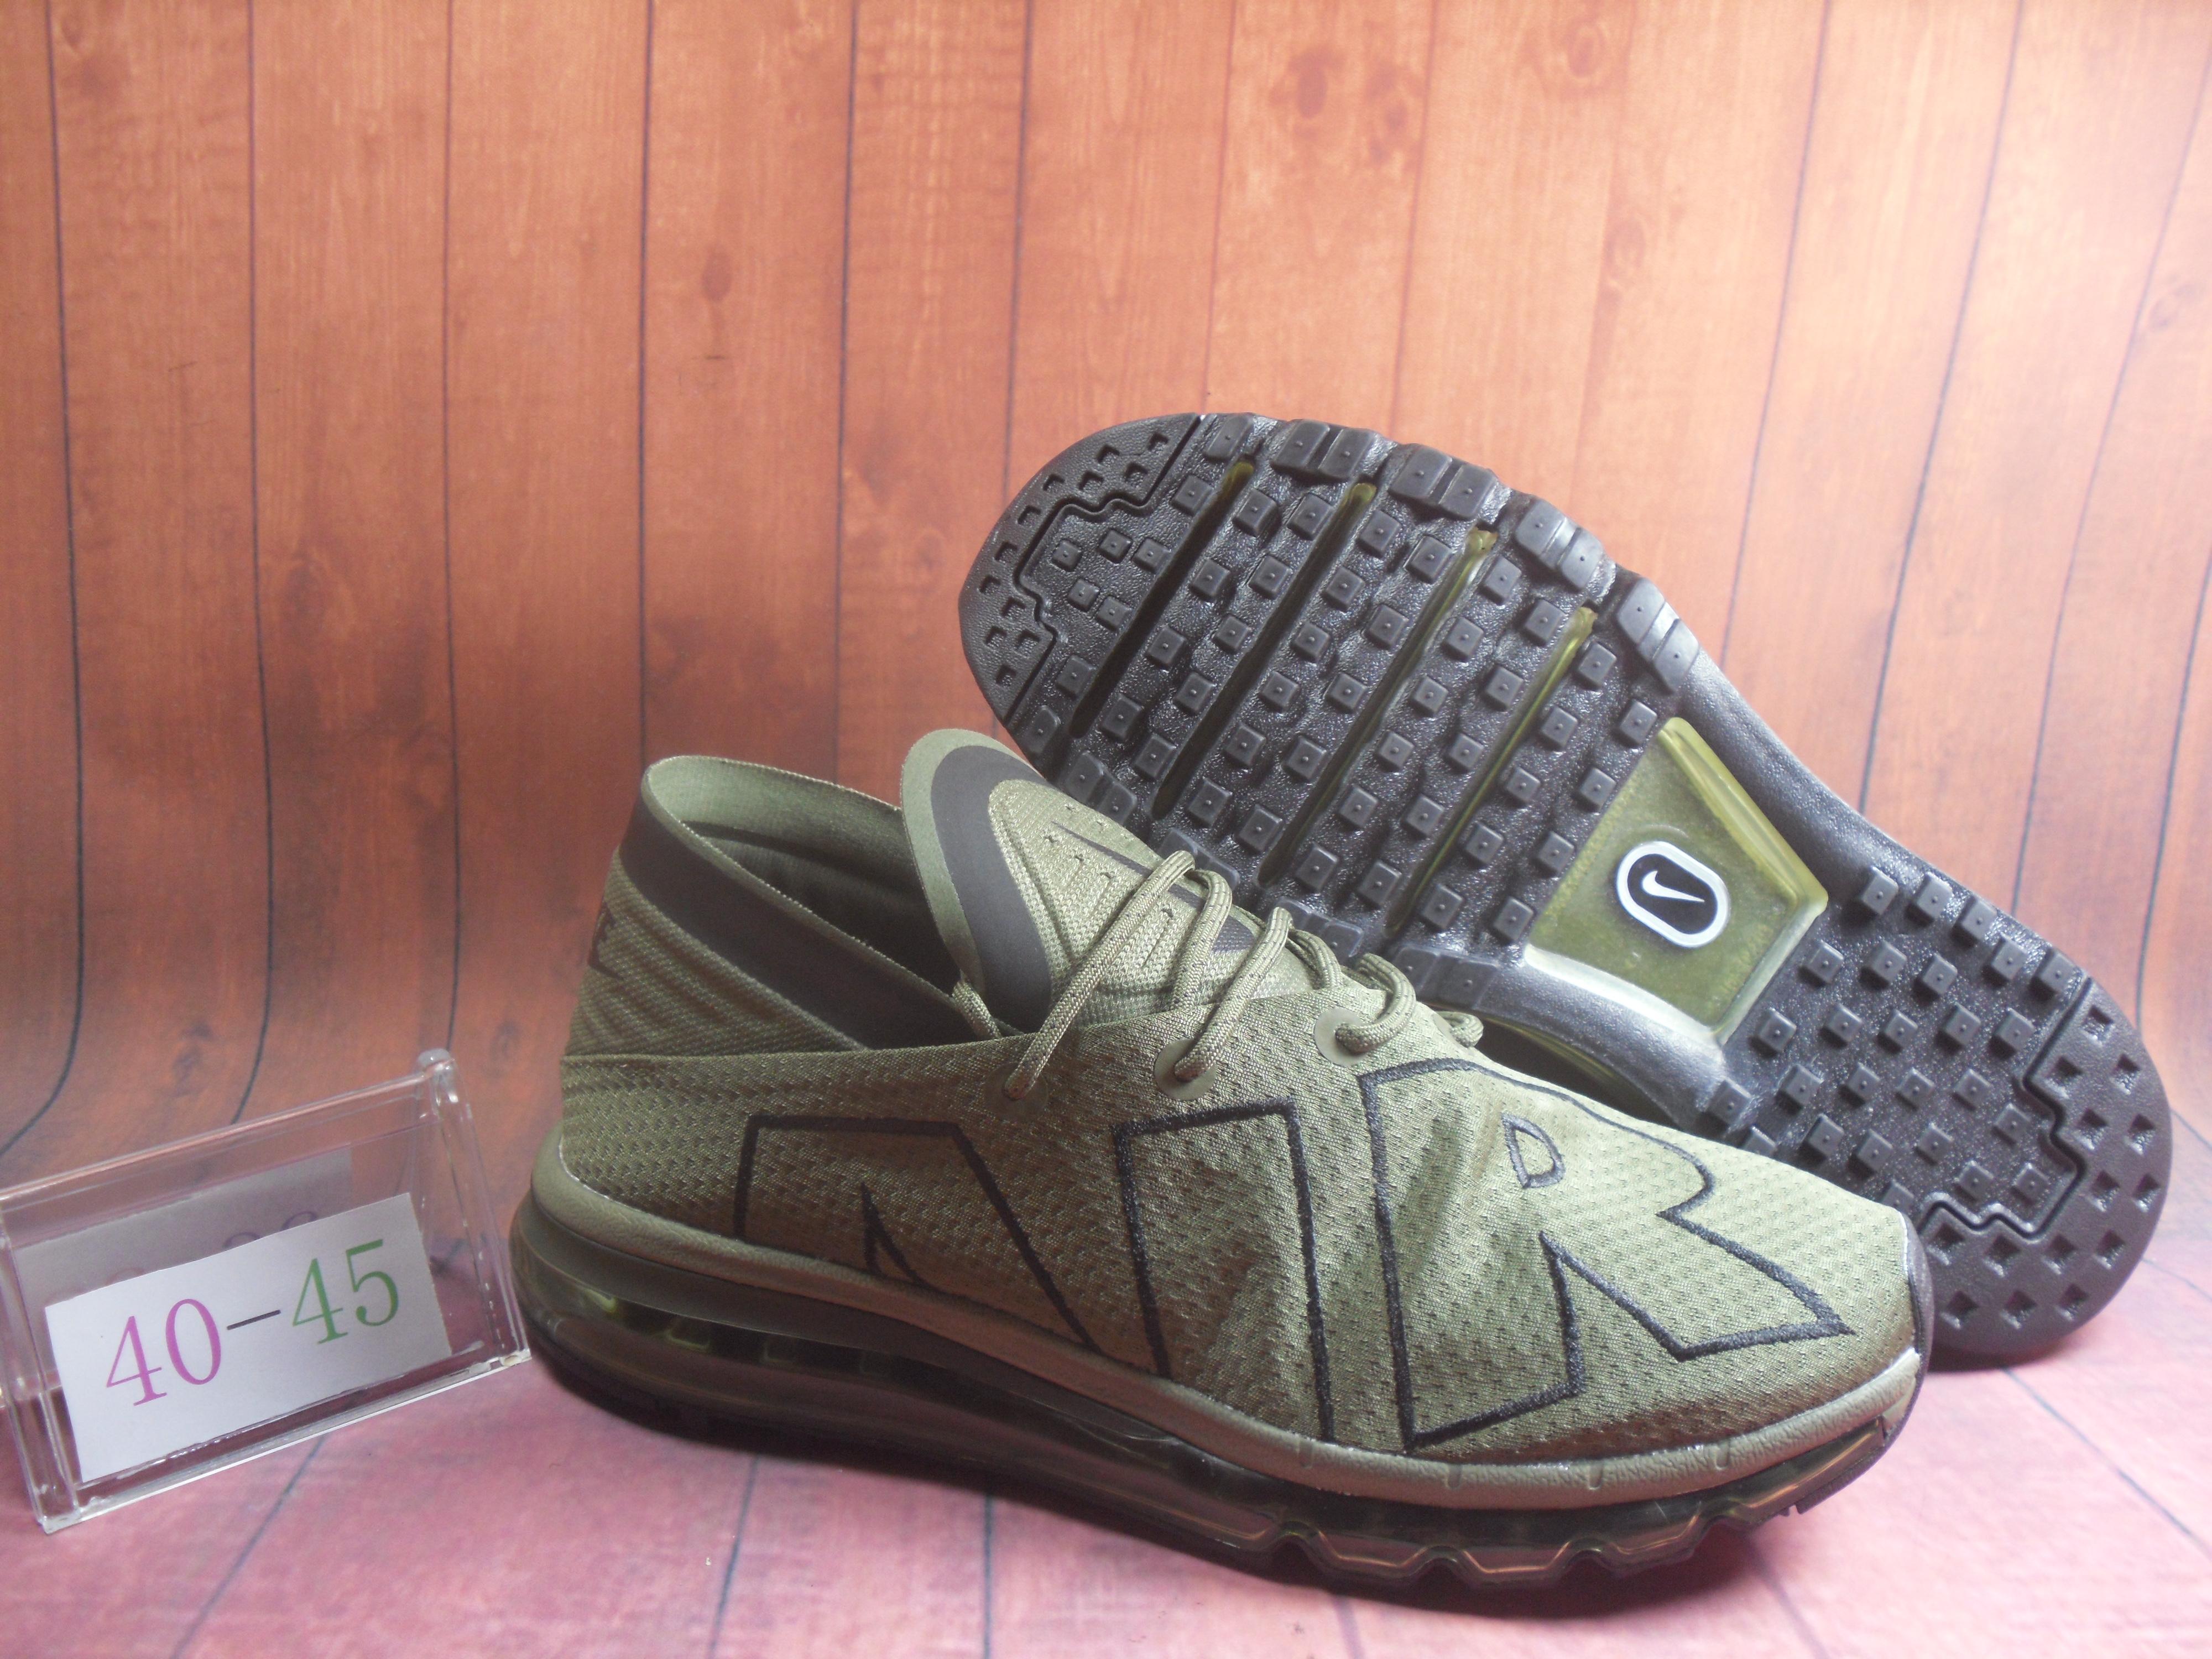 Nike Air Max Flair Army Green Black